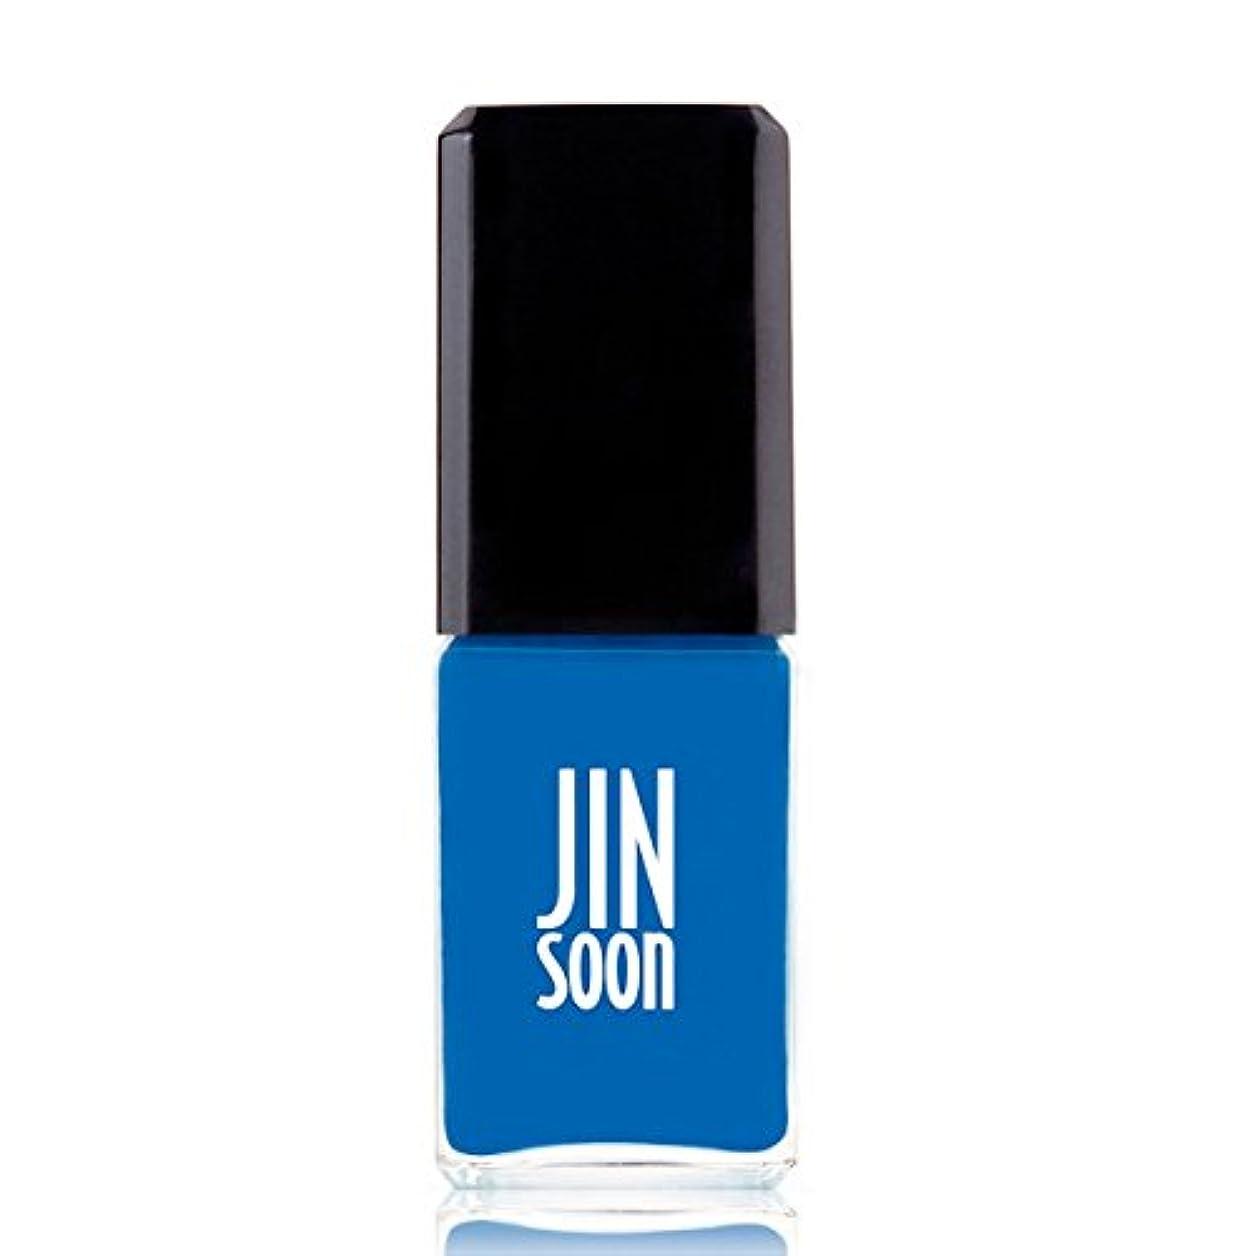 超高層ビル観光割り当て[ジンスーン] [ jinsoon] クールブルー (セルリアンブルー)COOL BLUE ジンスーン 5フリー ネイルポリッシュ【ブルー】 11mL